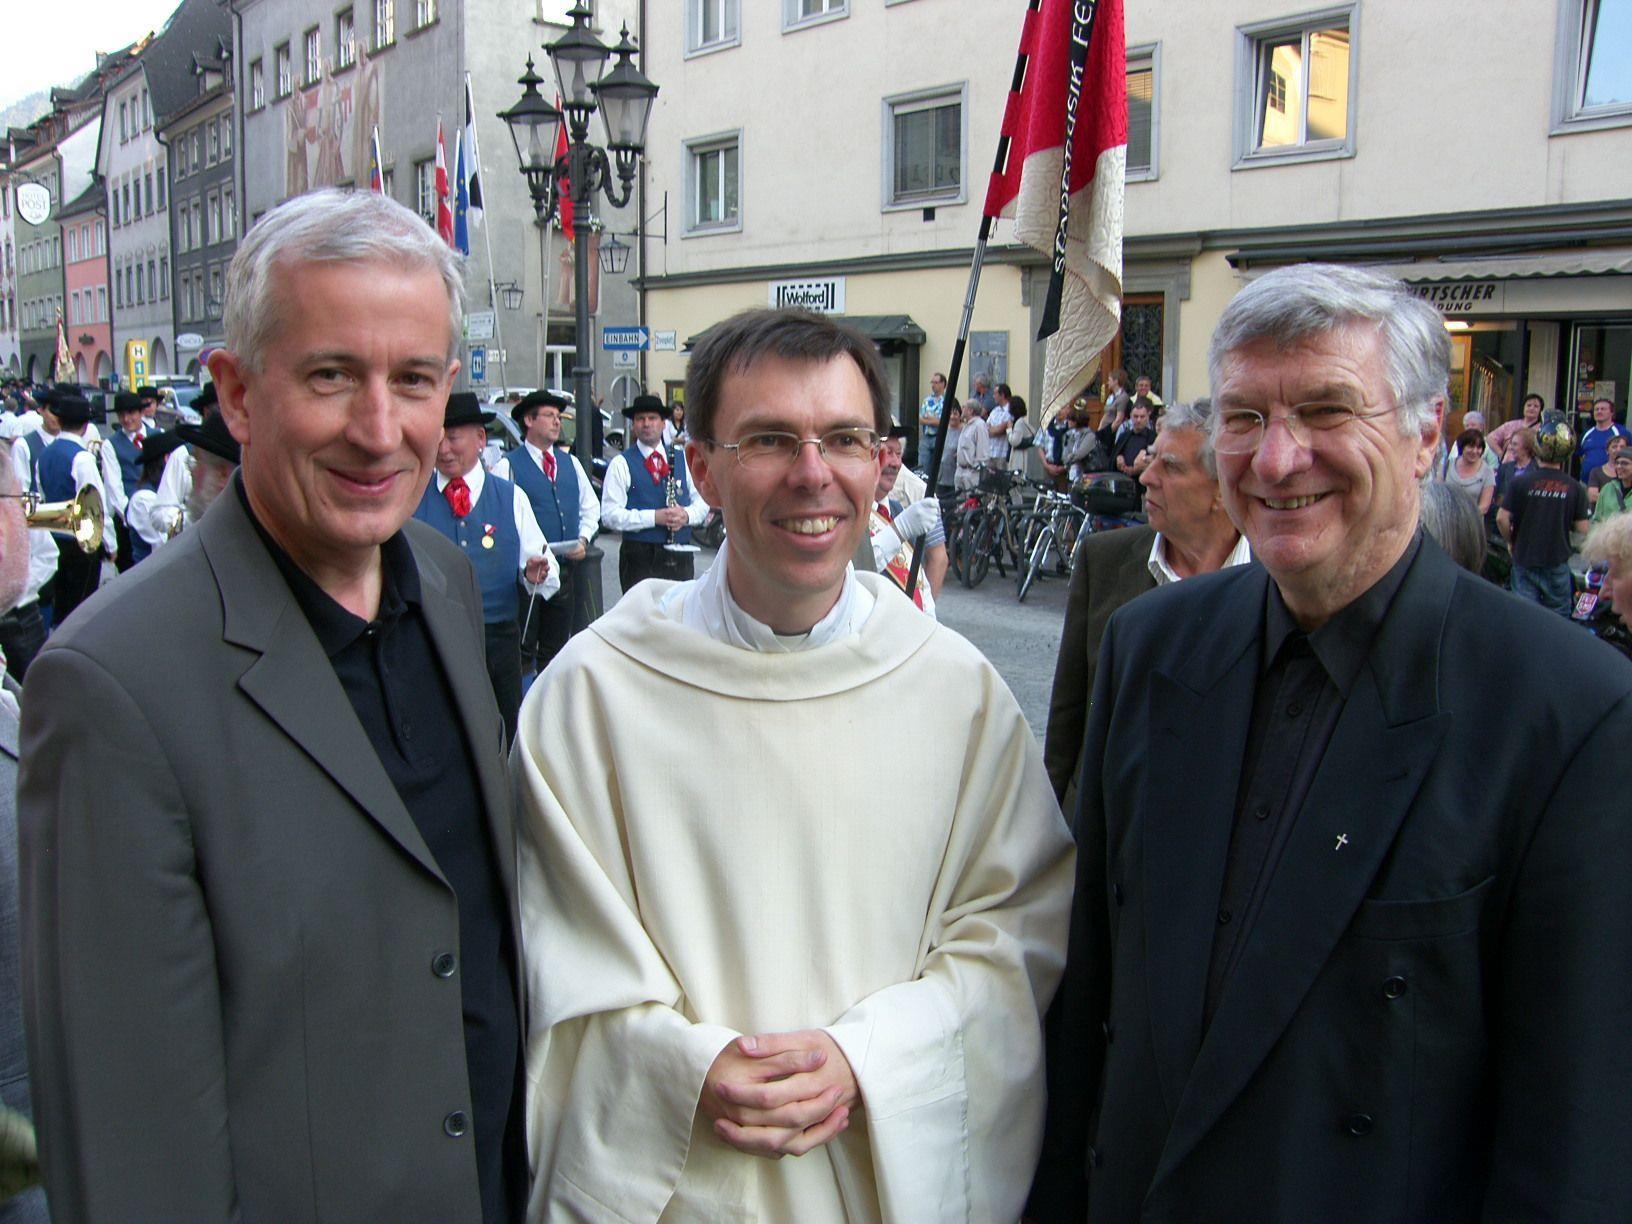 (r.) Dompfarrer Rudolf Bischof mit Primiziant Rainer Büchel und Bürgermeister Wilfried Berchtold.